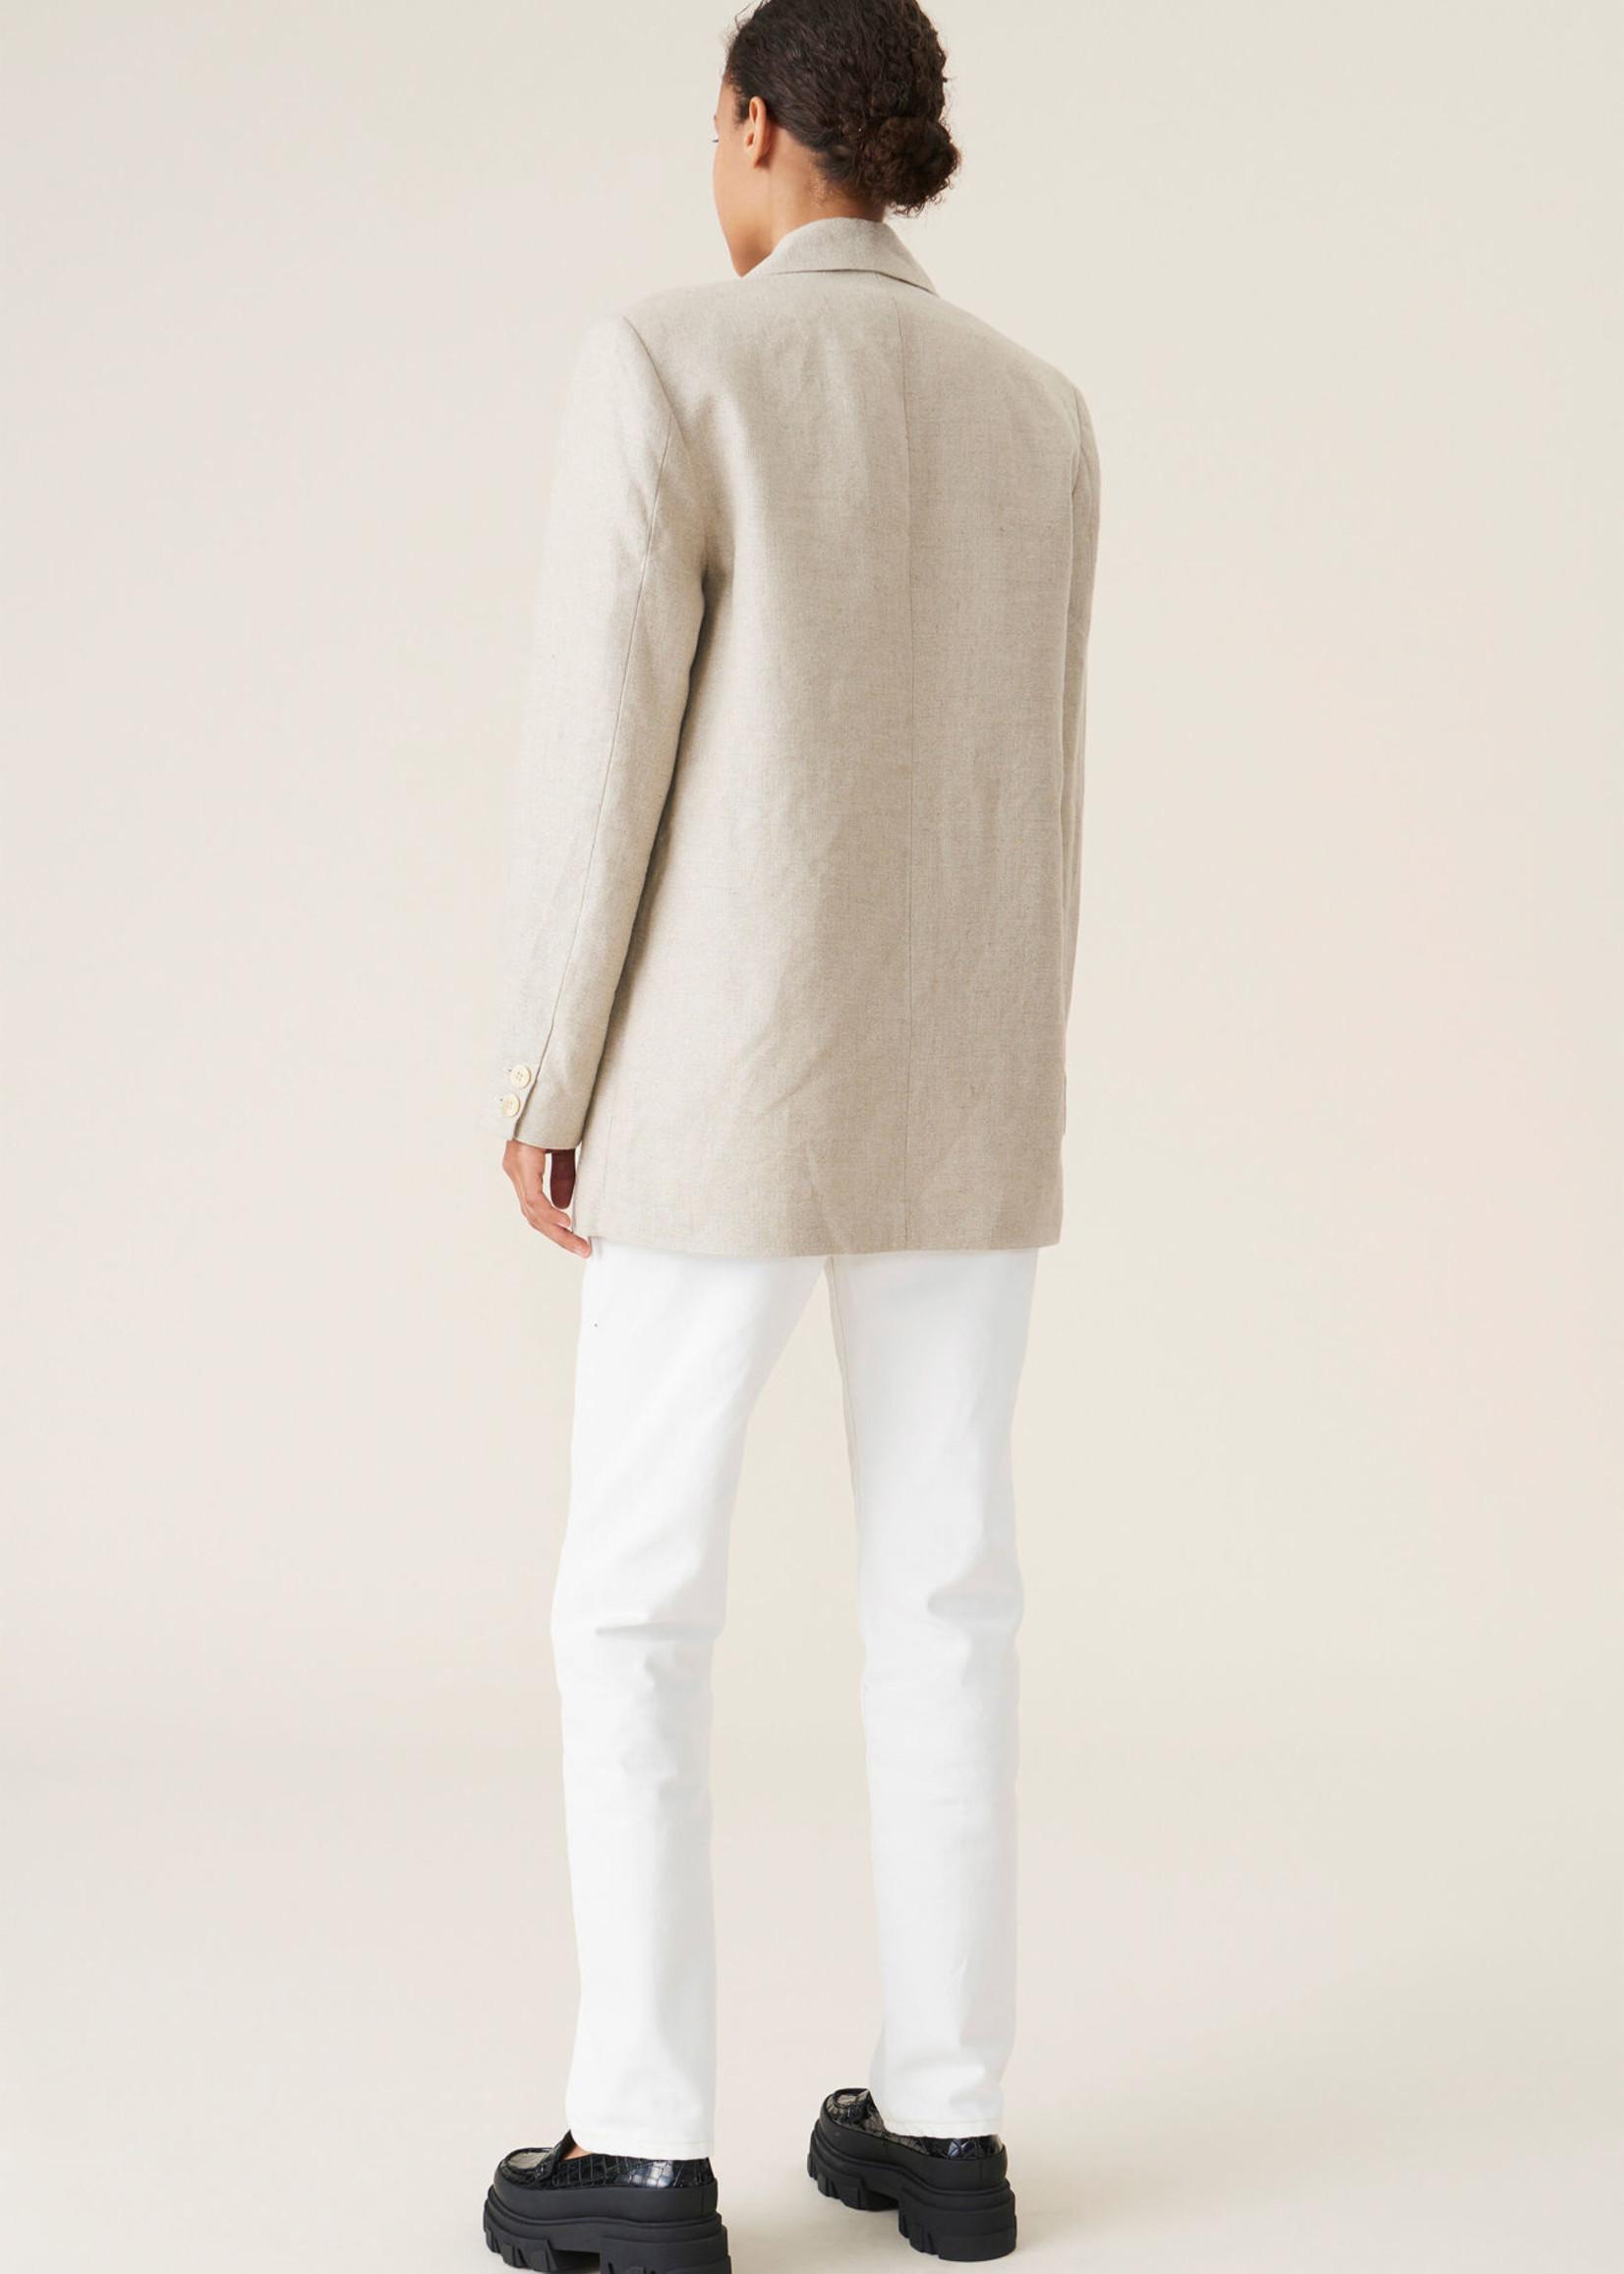 GANNI Linen Blazer in Natural